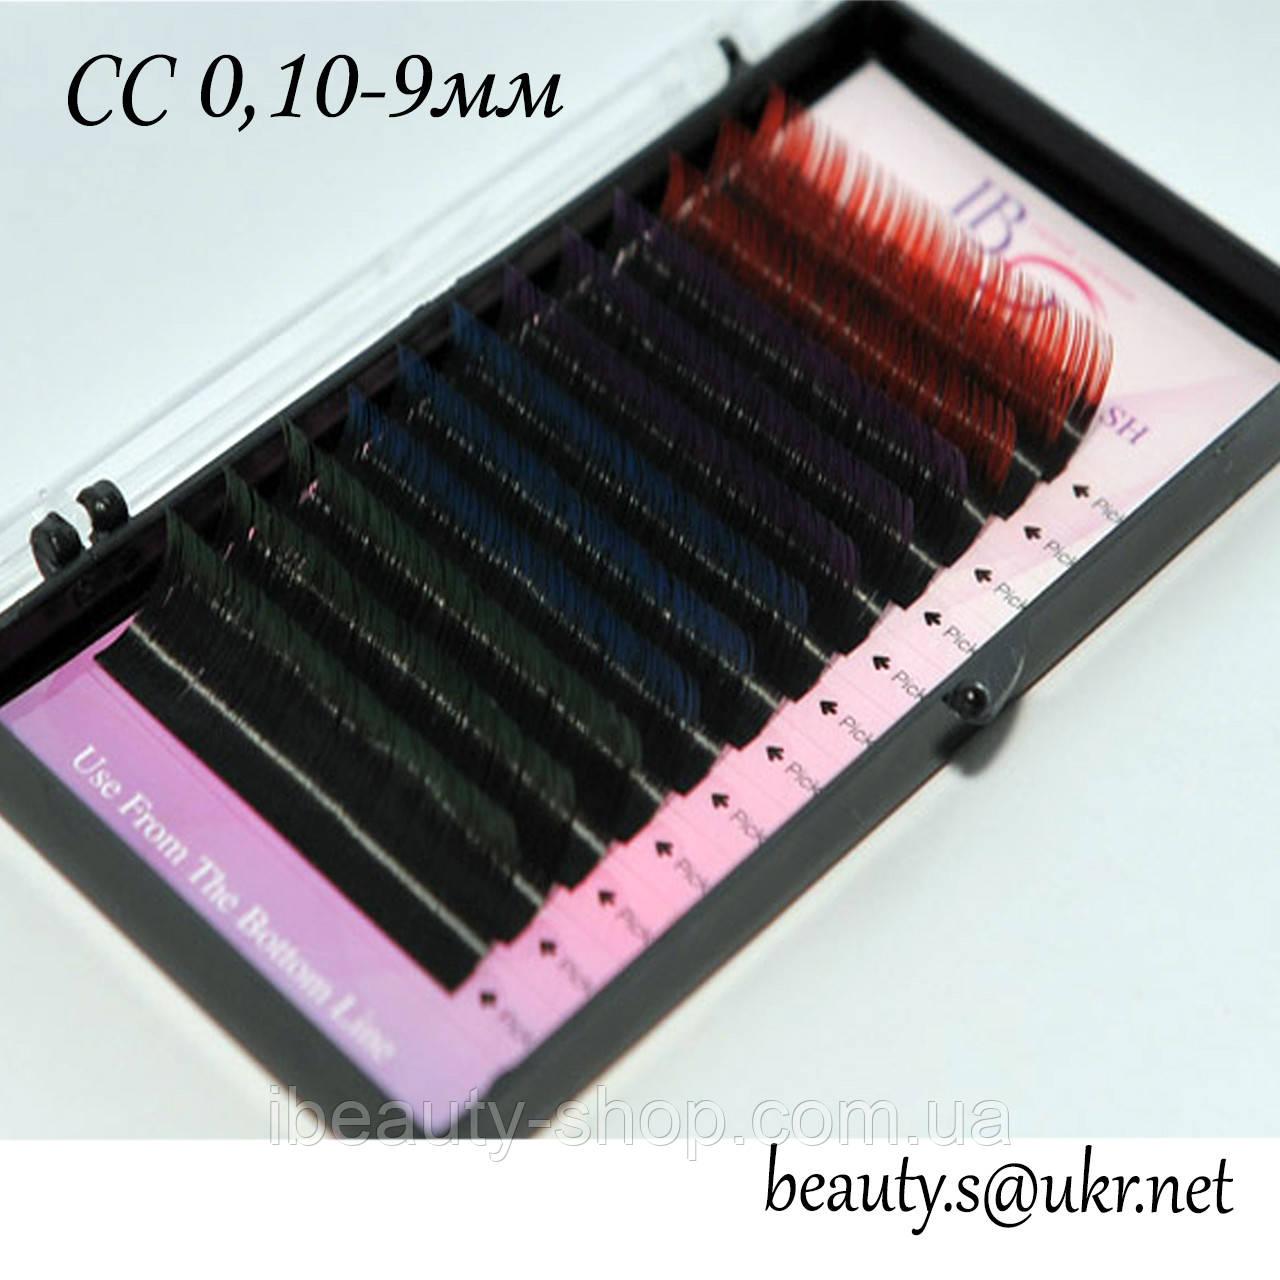 Ресницы I-Beauty, CC 0,10-9мм,цветные концы,4 цвета